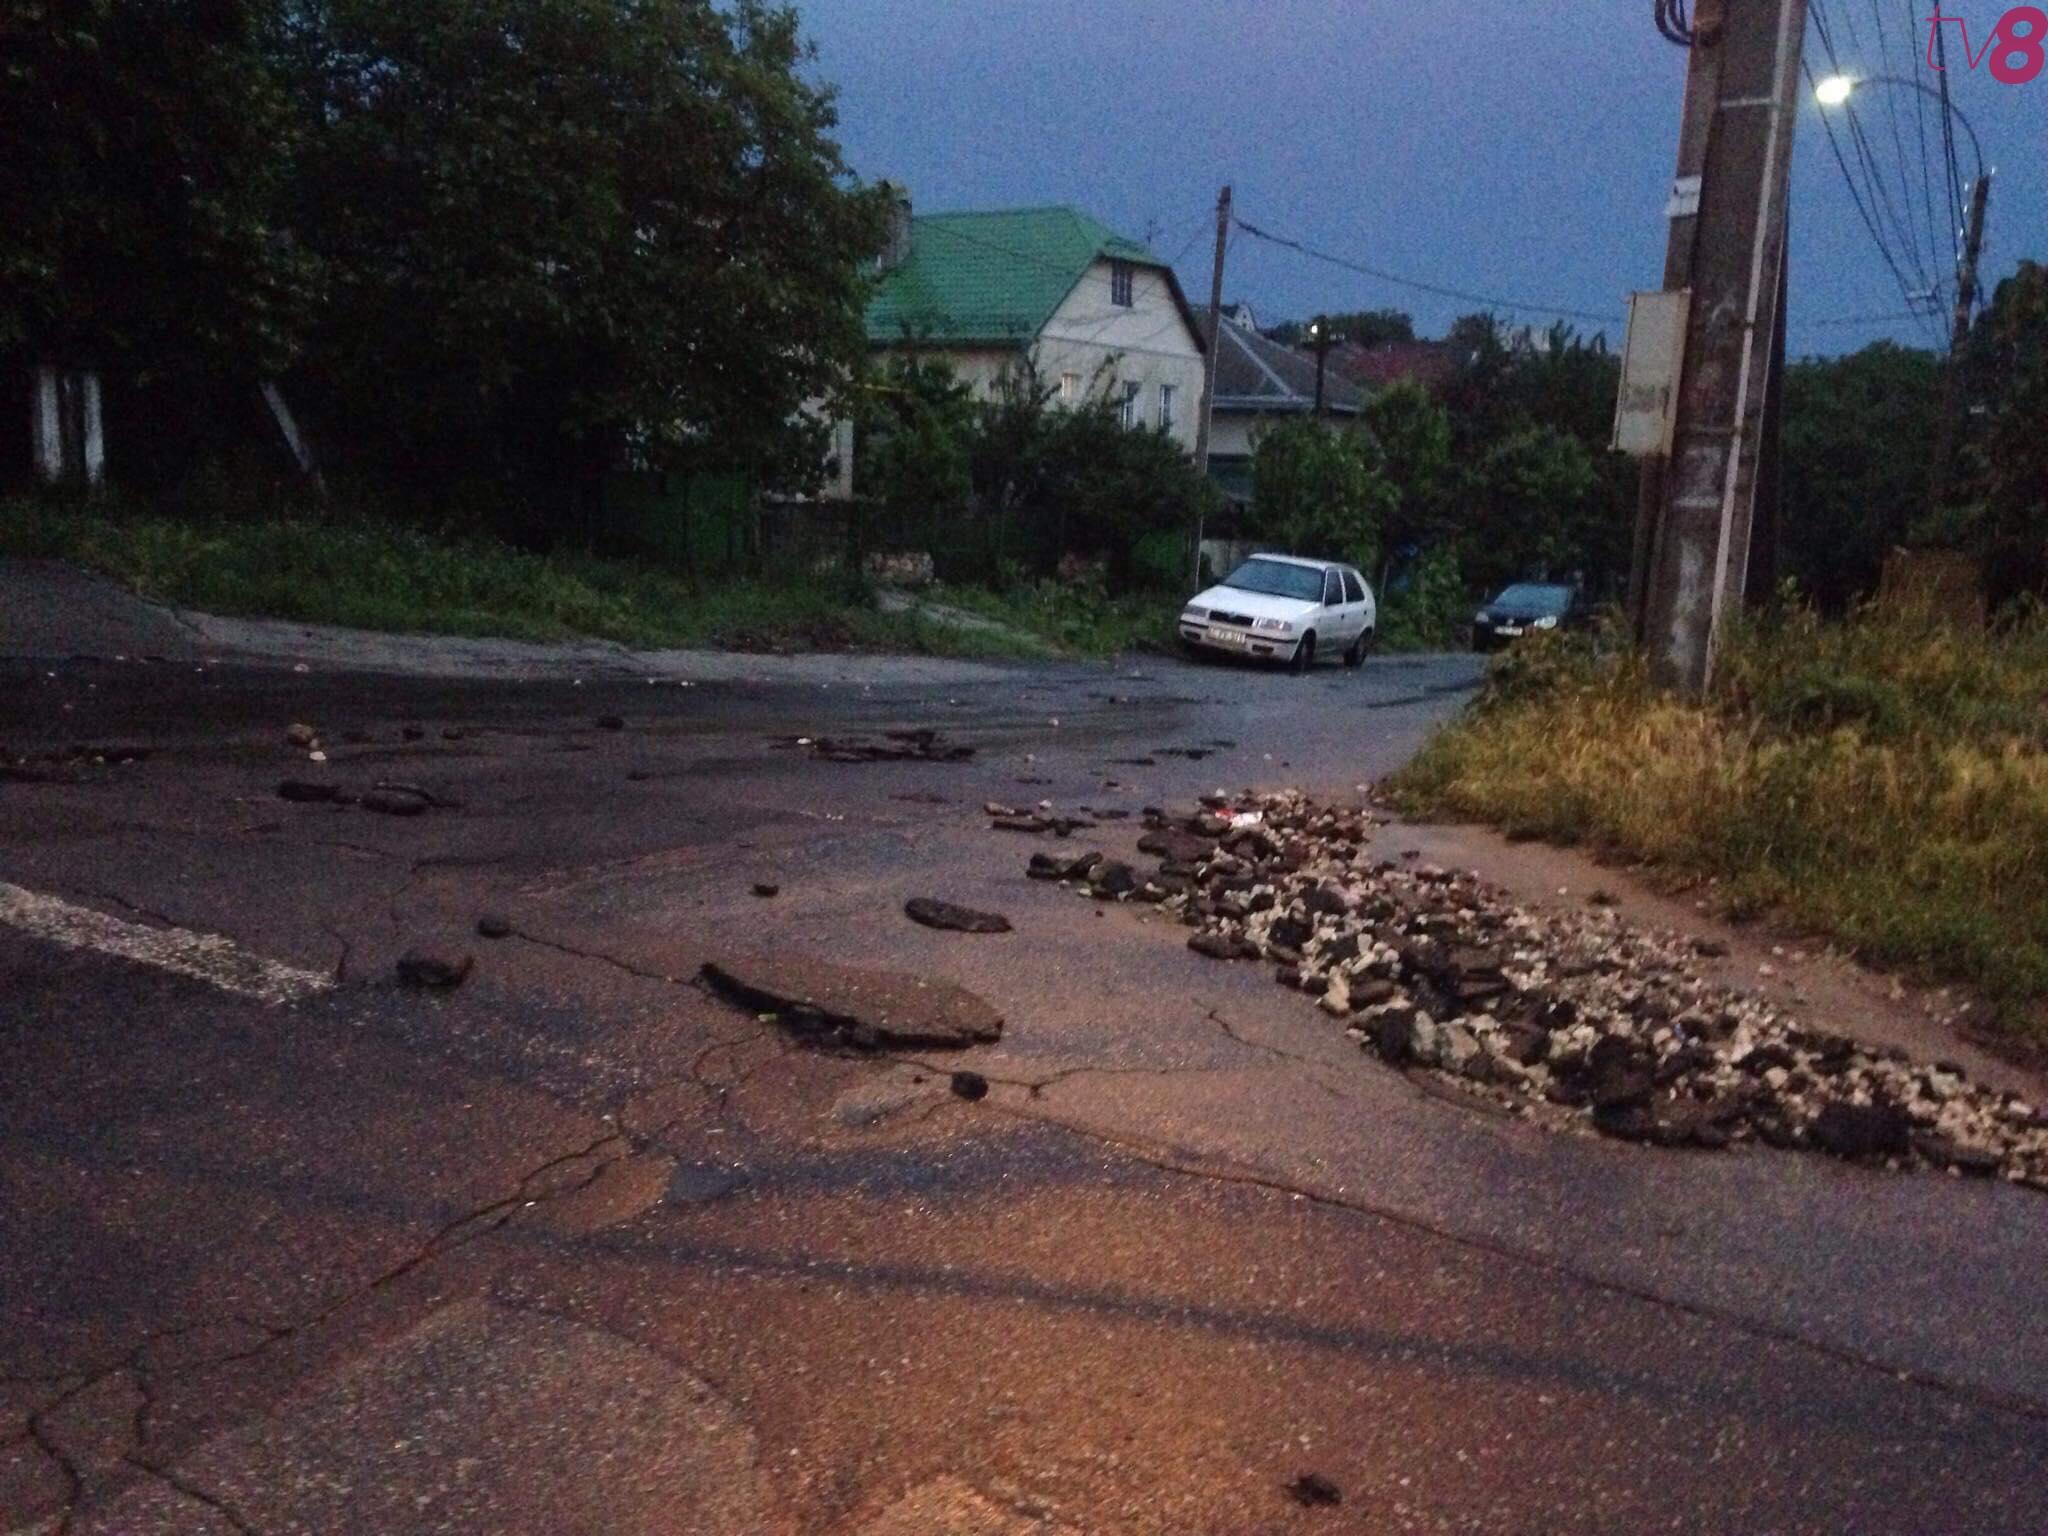 """""""Кратеры"""" на дороге: после вчерашнего ливня в столице появились новые ямы (ФОТО)"""